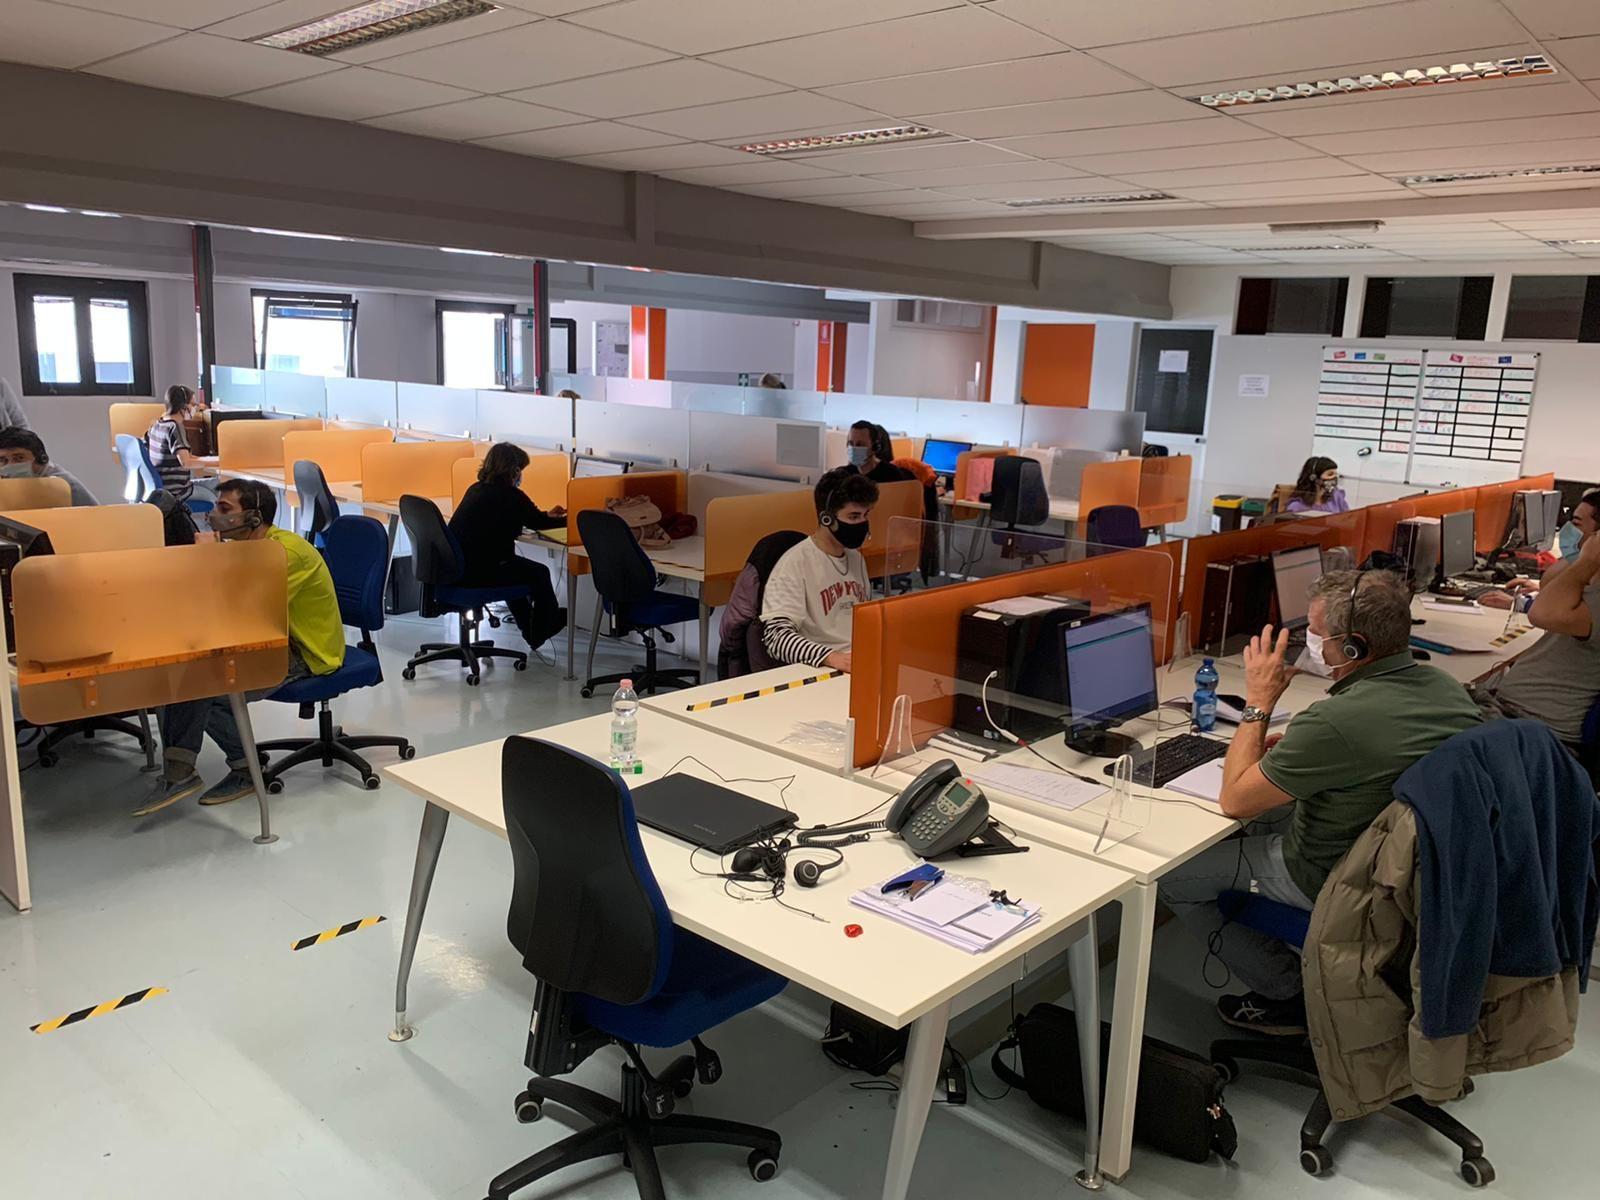 LAVORO IN CANAVESE - «Ortho» a Ivrea cerca personale per ampliare i propri servizi alle aziende